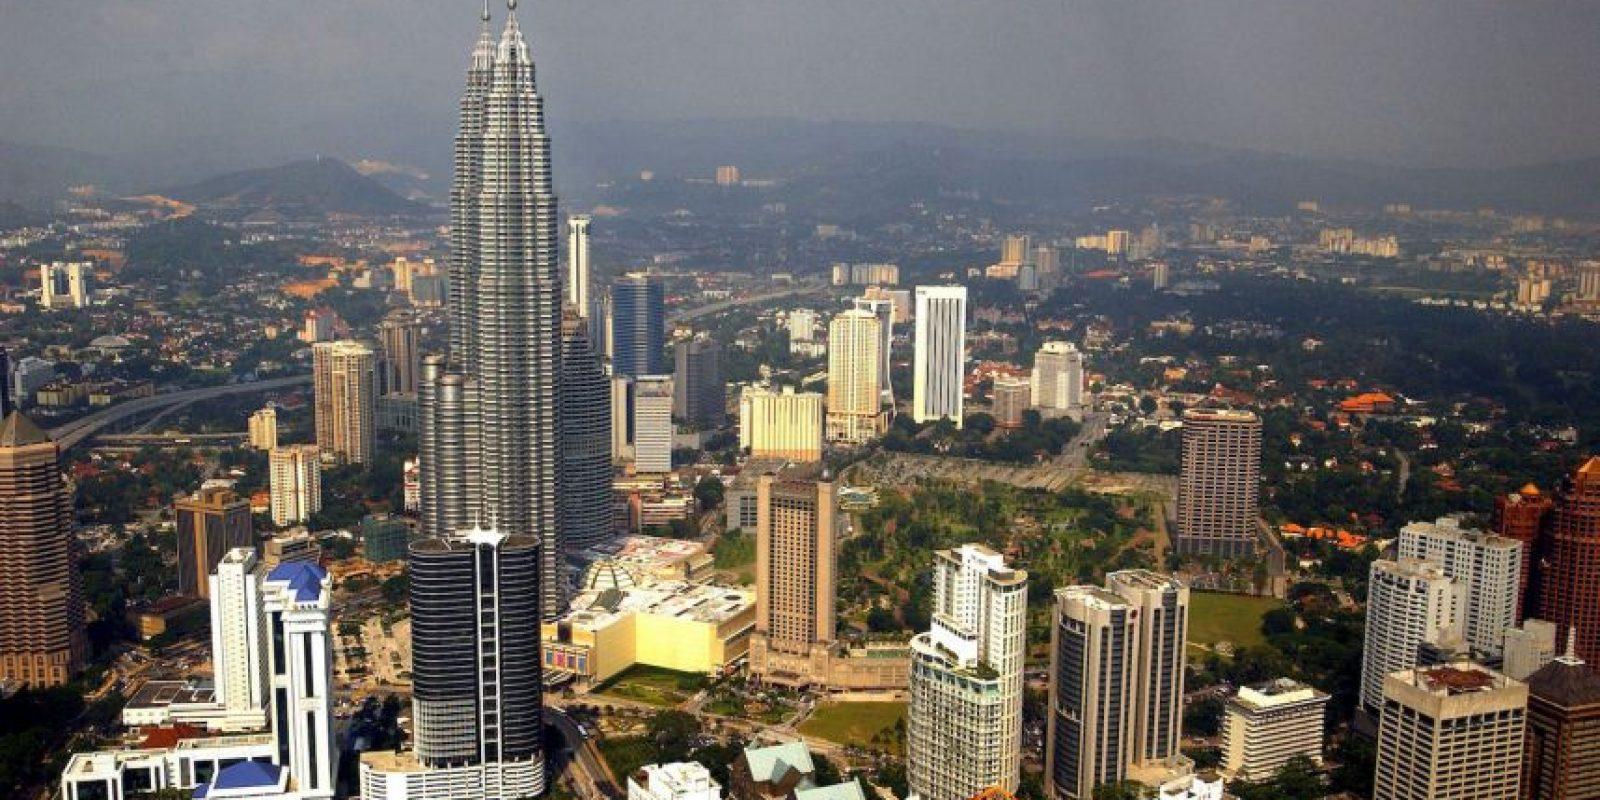 9. Kuala Lumpur, Malasia Foto:Getty